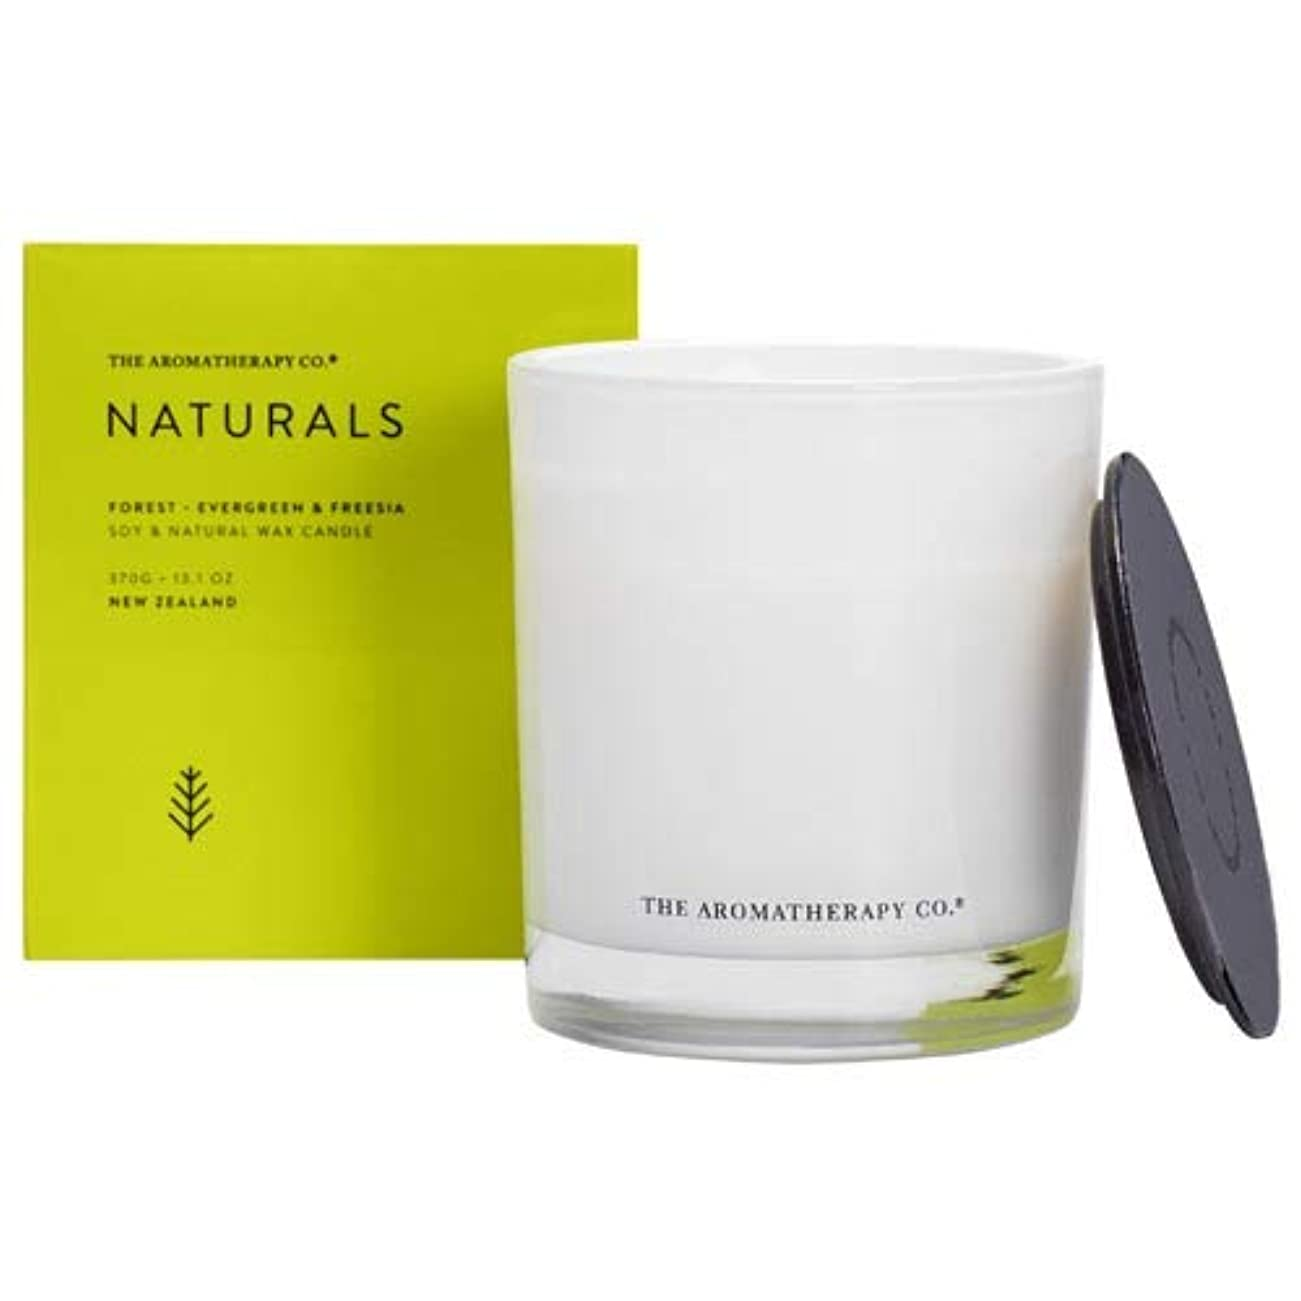 バーガーくま千new NATURALS ナチュラルズ Candle キャンドル Forest フォレスト(森林)Evergreen & Freesia エバーグリーン&フリージア